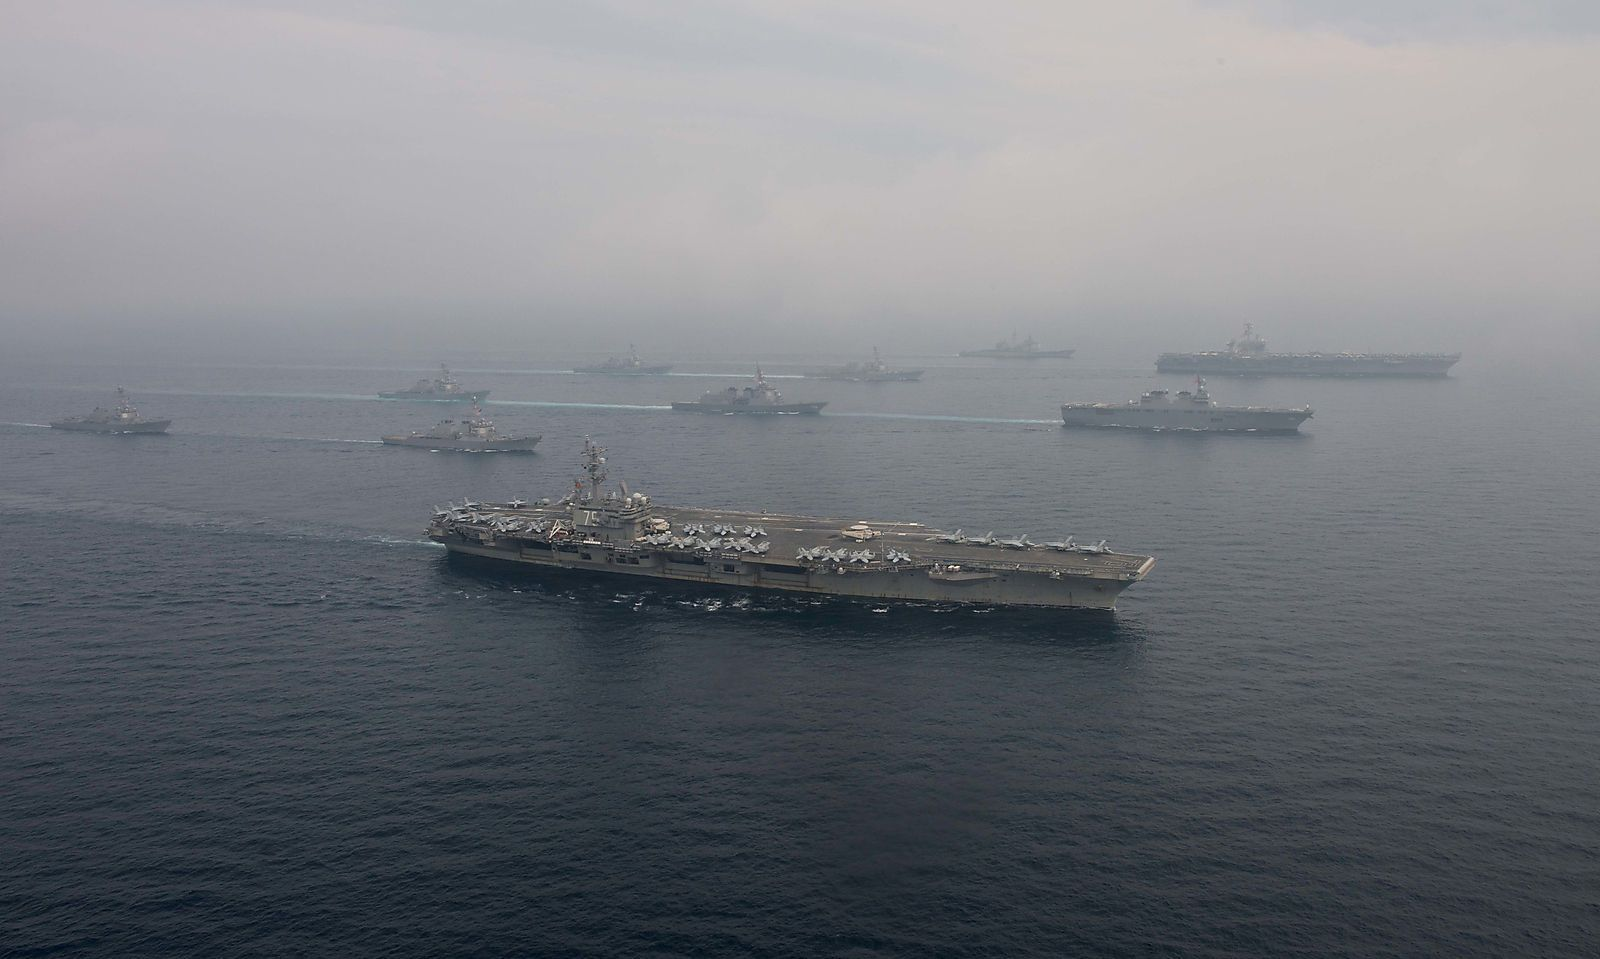 USS Ronald Reagan (vorne) und Carl Vinson mit ihren Begleitschiffen sowie japanischen Einheiten im Meer zwischen Japan und China